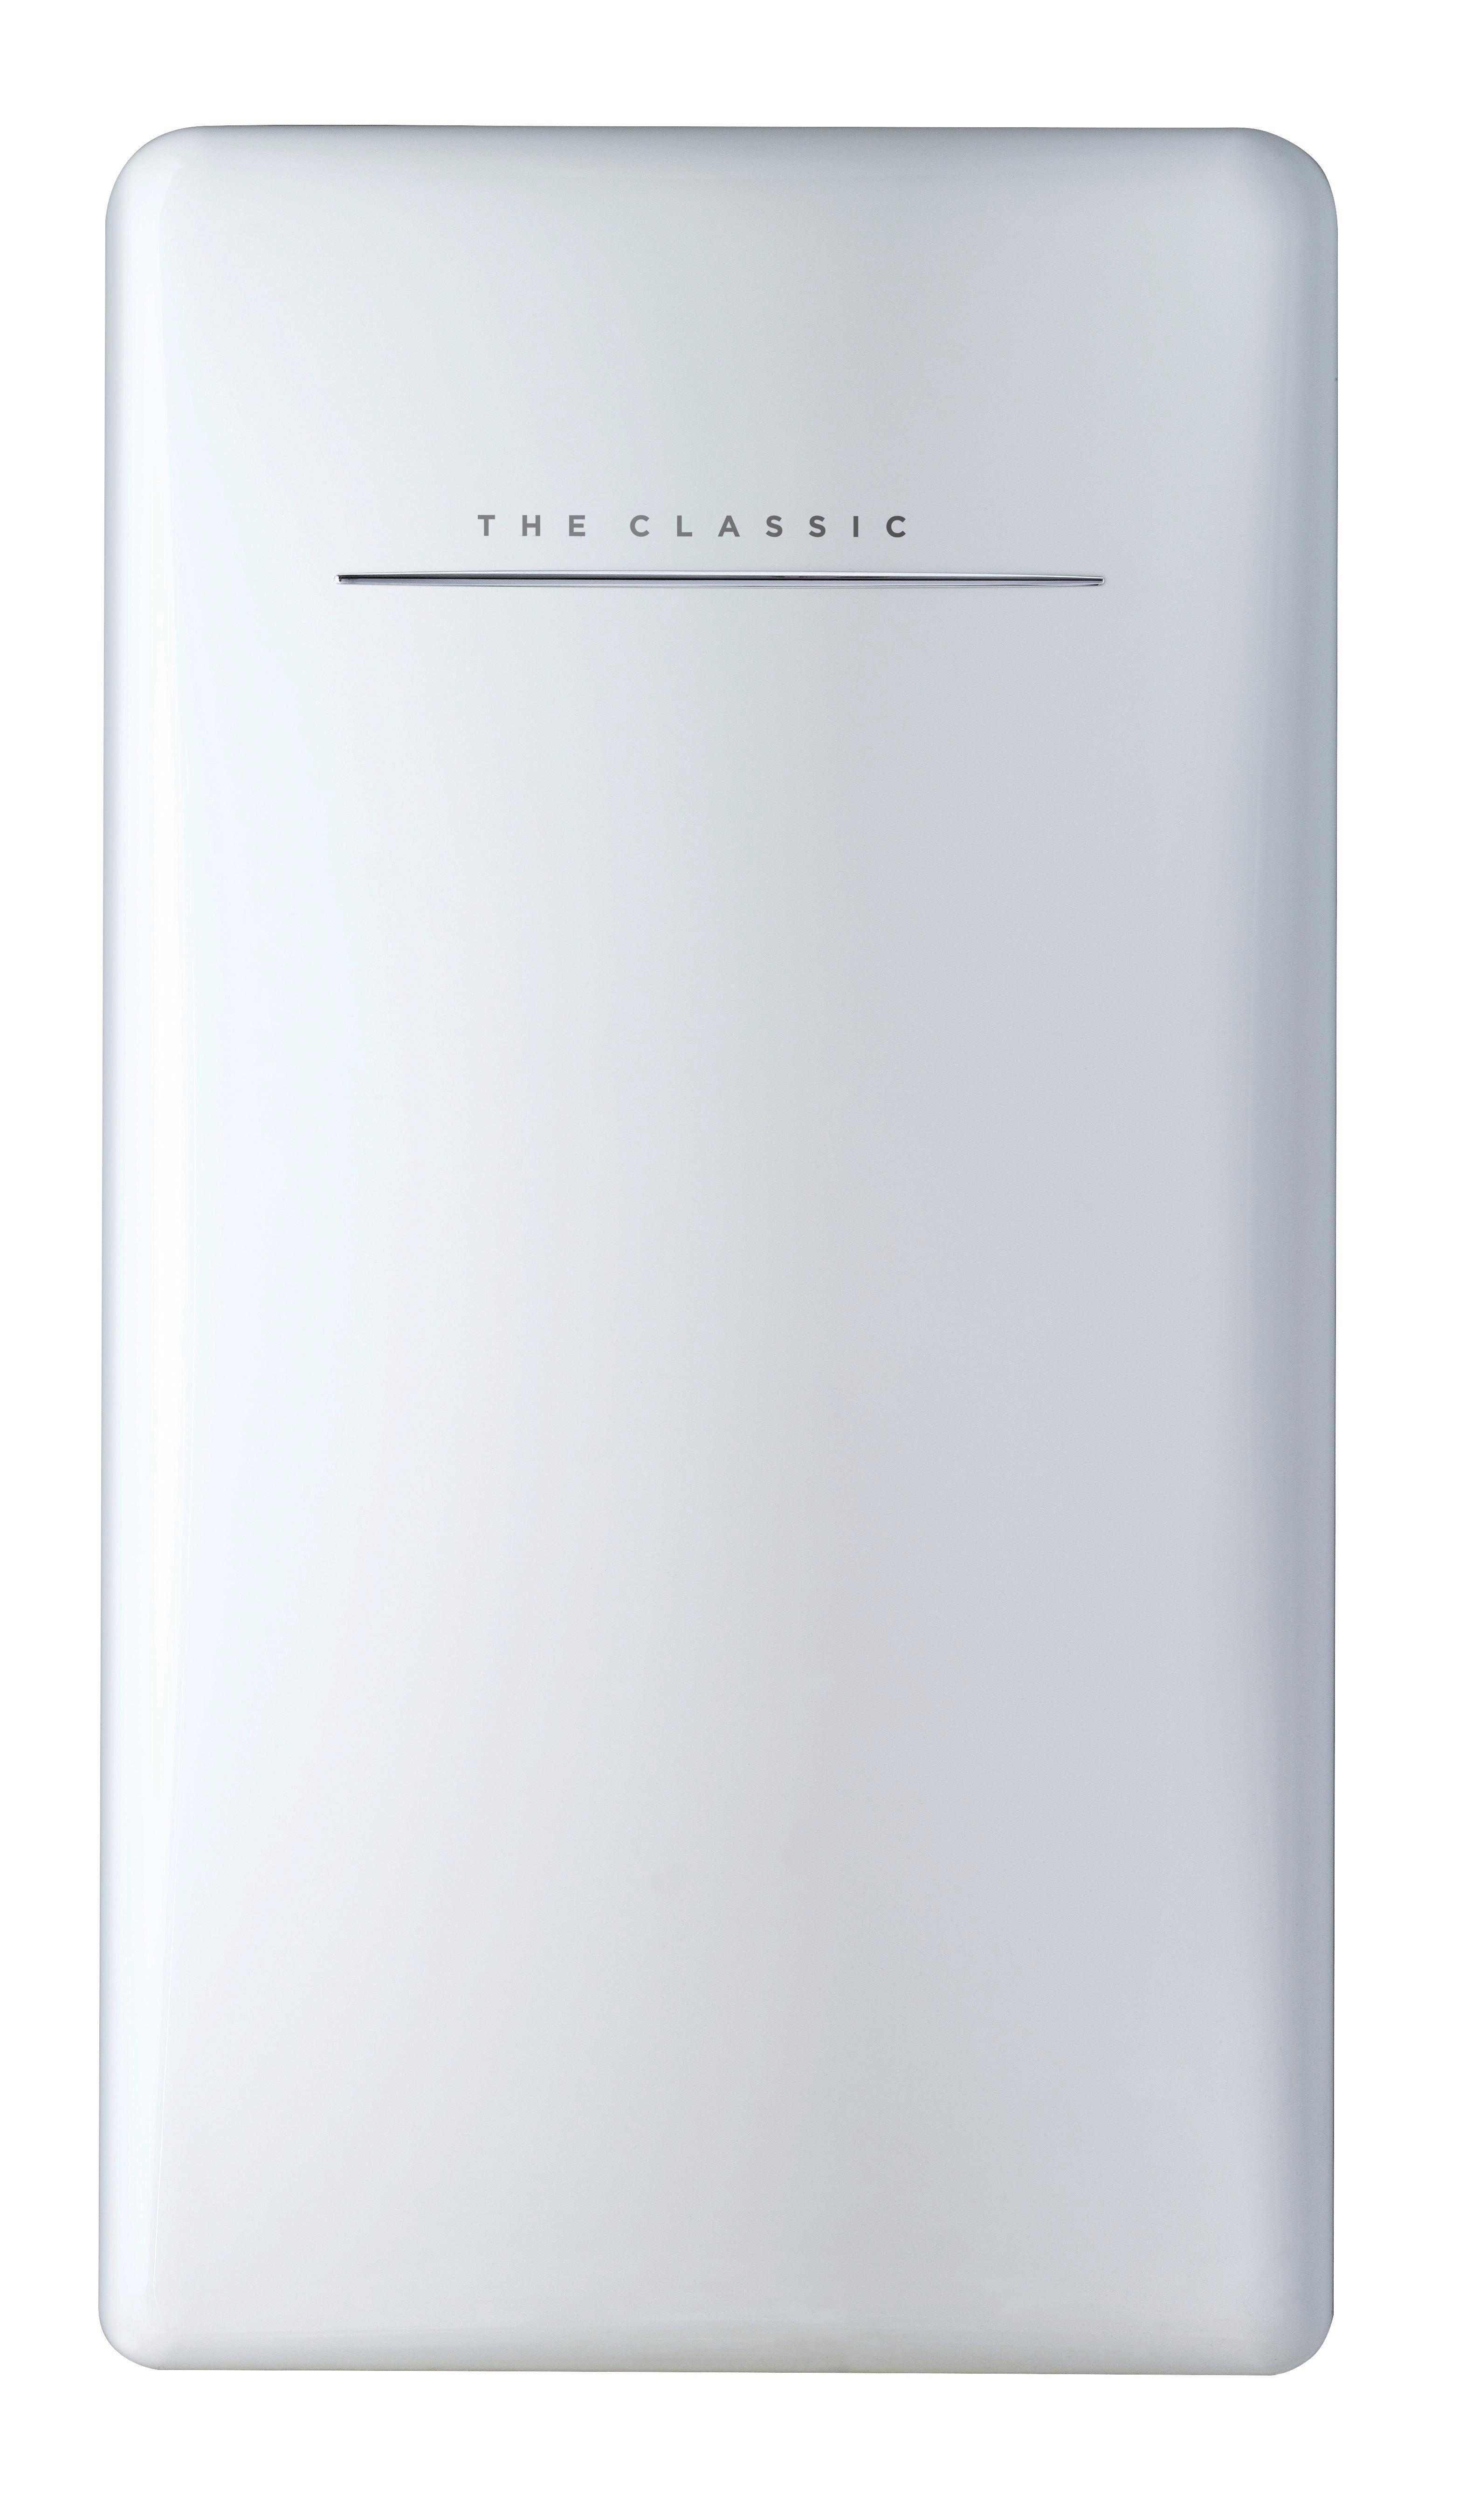 Retro Kühlschrank Schneider : Bikitchen kühlschrank retro cool weiß online kaufen ➤ möbelix